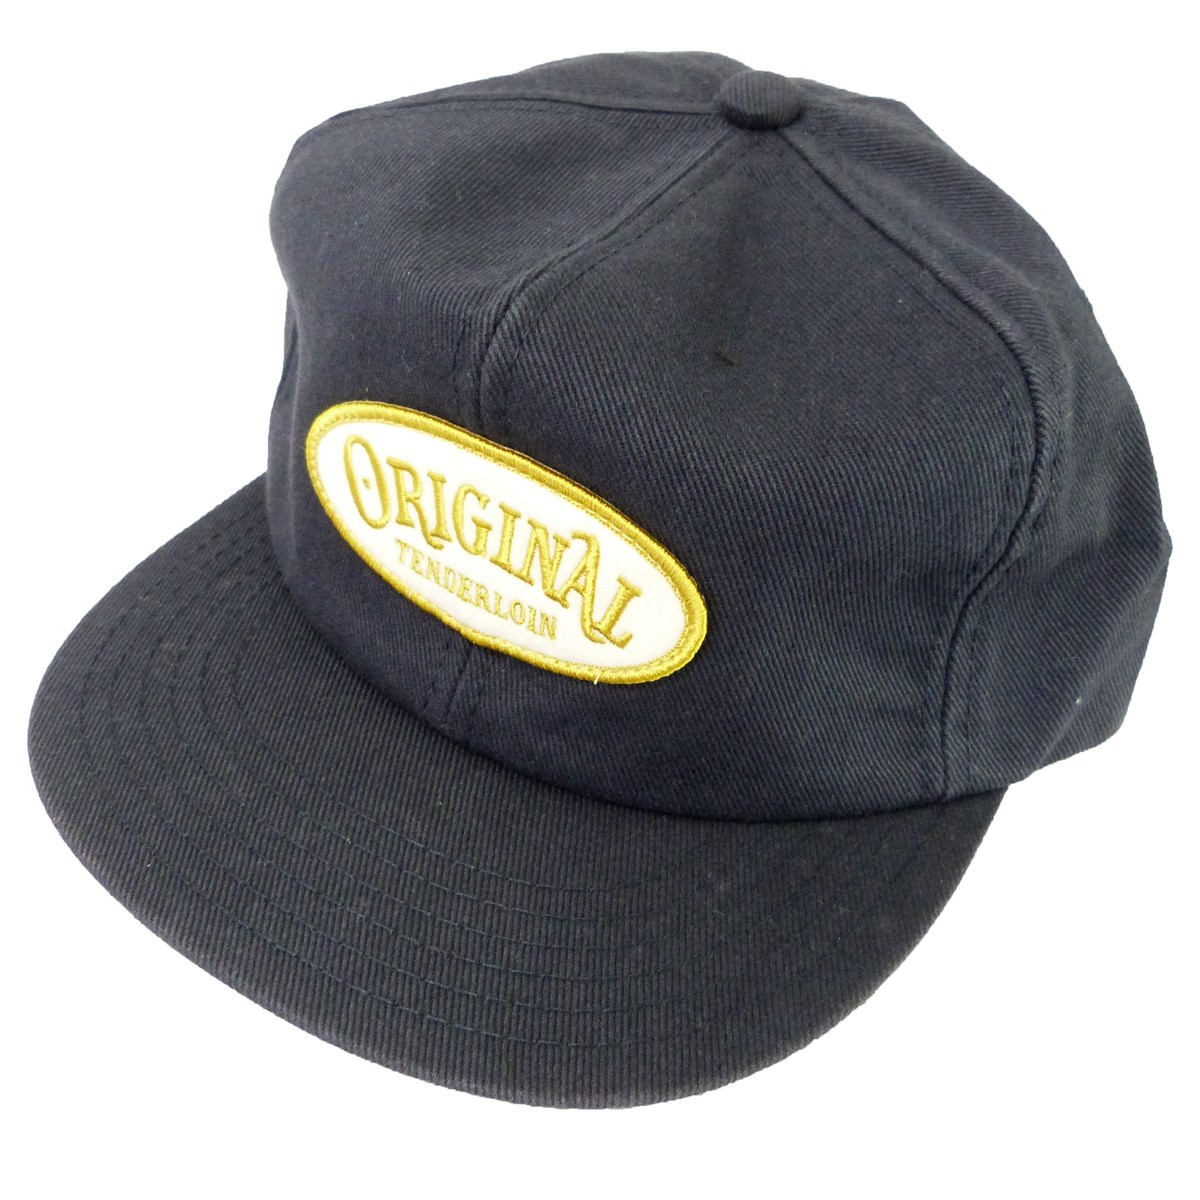 【中古】TENDERLOIN 「T-TRUCKER CAP」トラッカーキャップ ネイビー サイズ:- 【161119】(テンダーロイン)